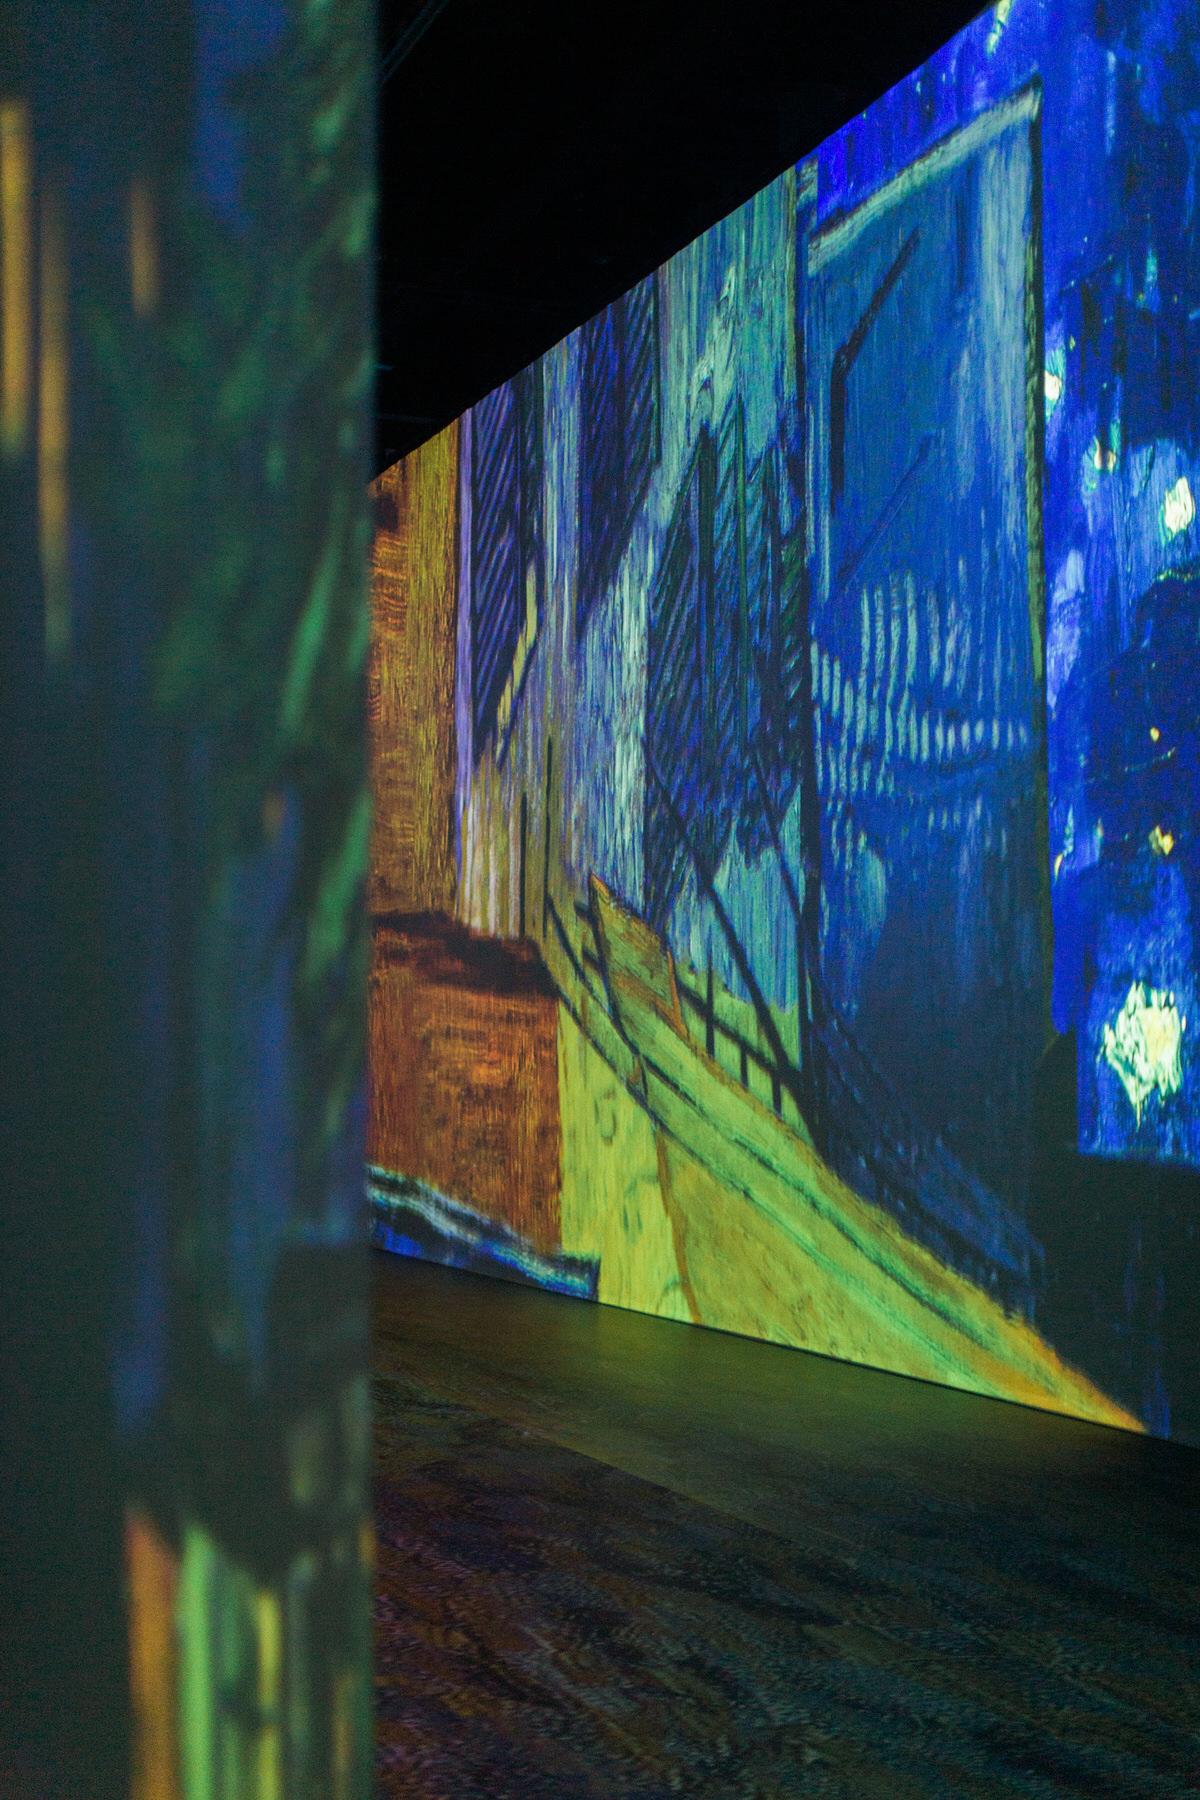 Van-Gogh-Exhibit-Wisconsin-Center-Milwaukee-by-Studio-L-Artist-Photographer-Laura-Schneider-_9807a